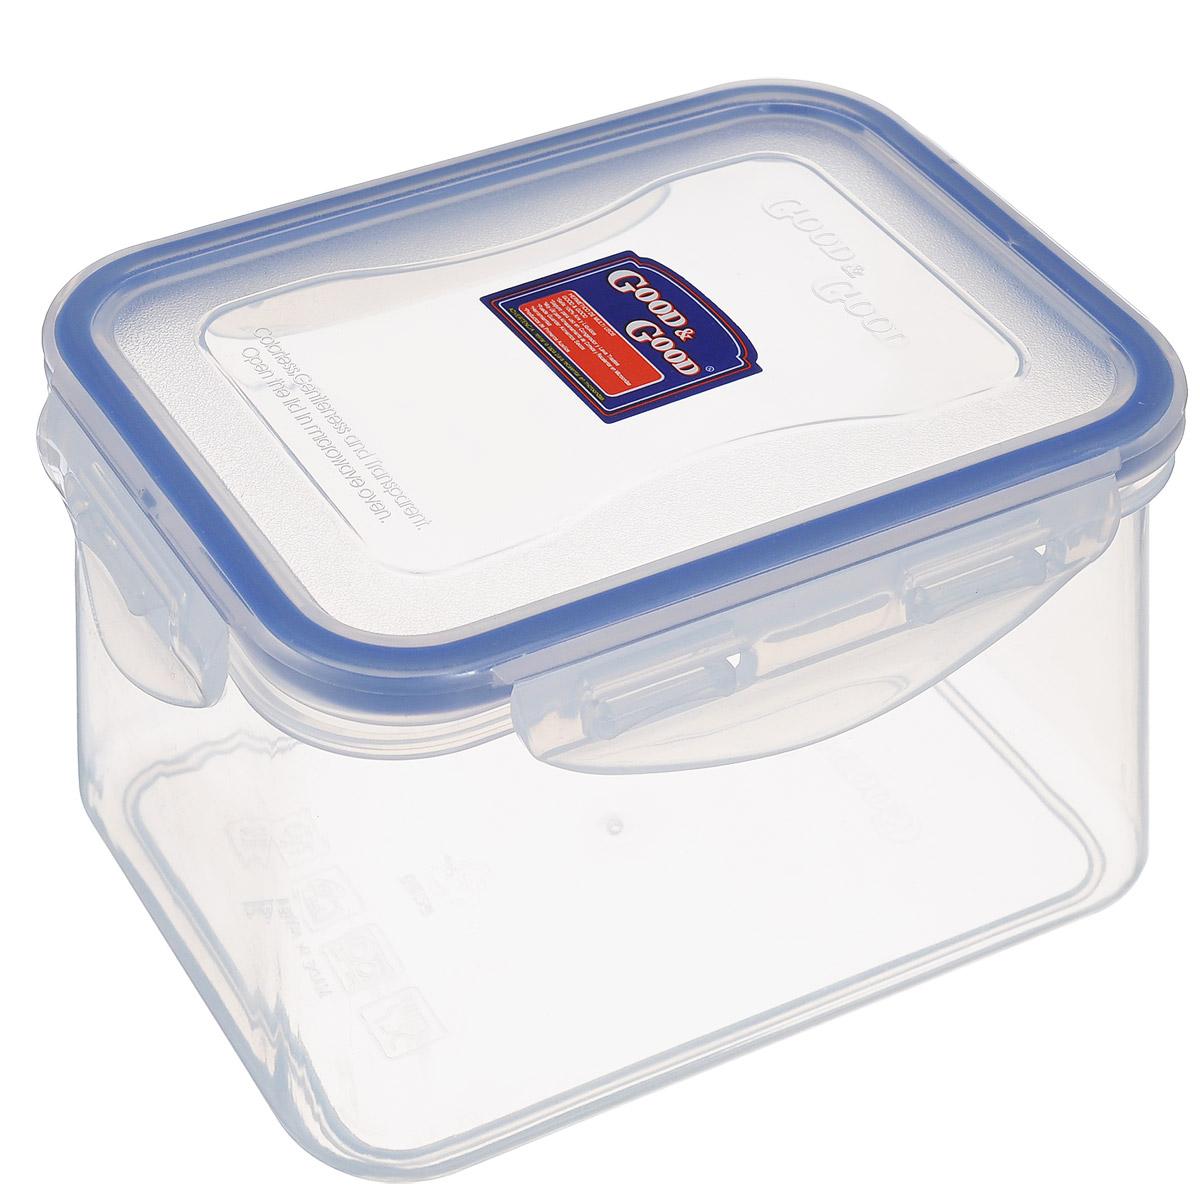 Контейнер Good&Good с крышкой, прямоугольный, 630 мл37002135Контейнер Good&Good изготовлен из высококачественного полипропилена, который выдерживает температуру от -20°С до +100°С. Герметичная крышка плотно закрывается на четыре защелки. Изделие прекрасно подходит для хранения чая, кофе, сахара, специй, орехов и других сыпучих продуктов, а также для хранения и разогрева пищи.Можно использовать в СВЧ-печи и холодильнике. Подходит для мытья в посудомоечной машине.